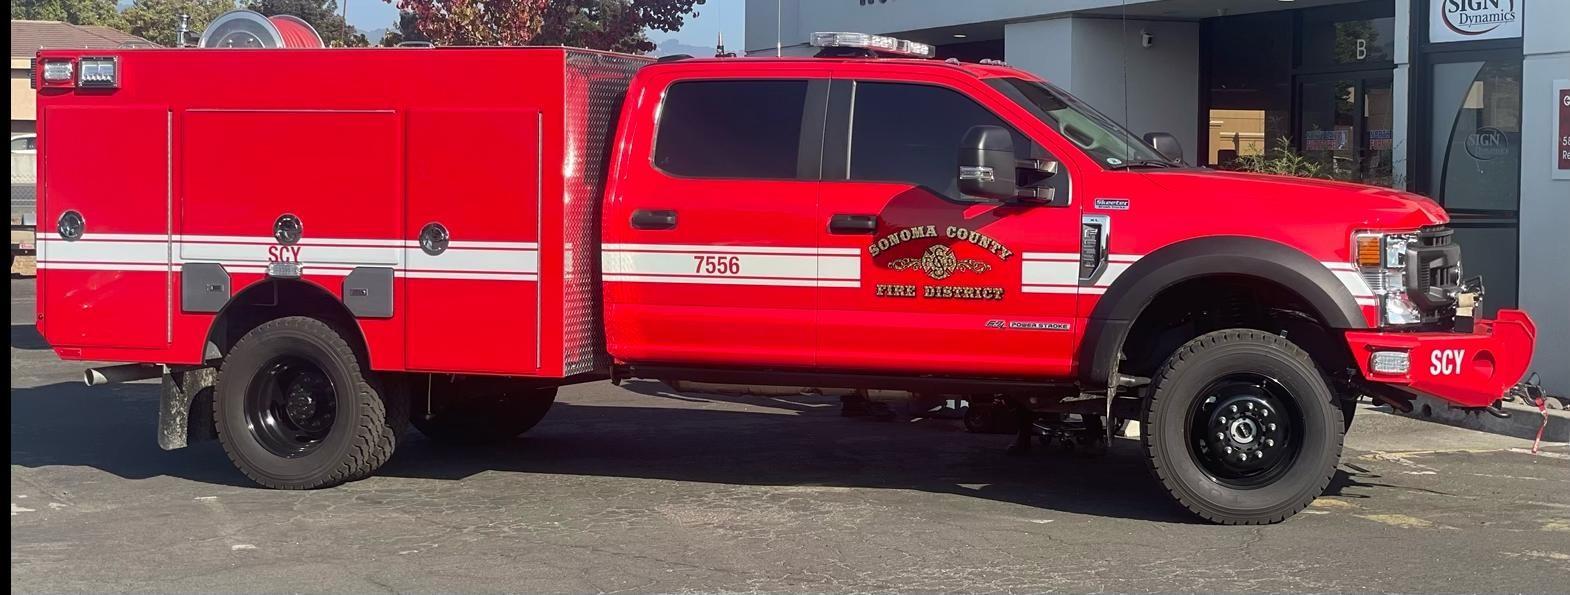 Sonoma County F.D.